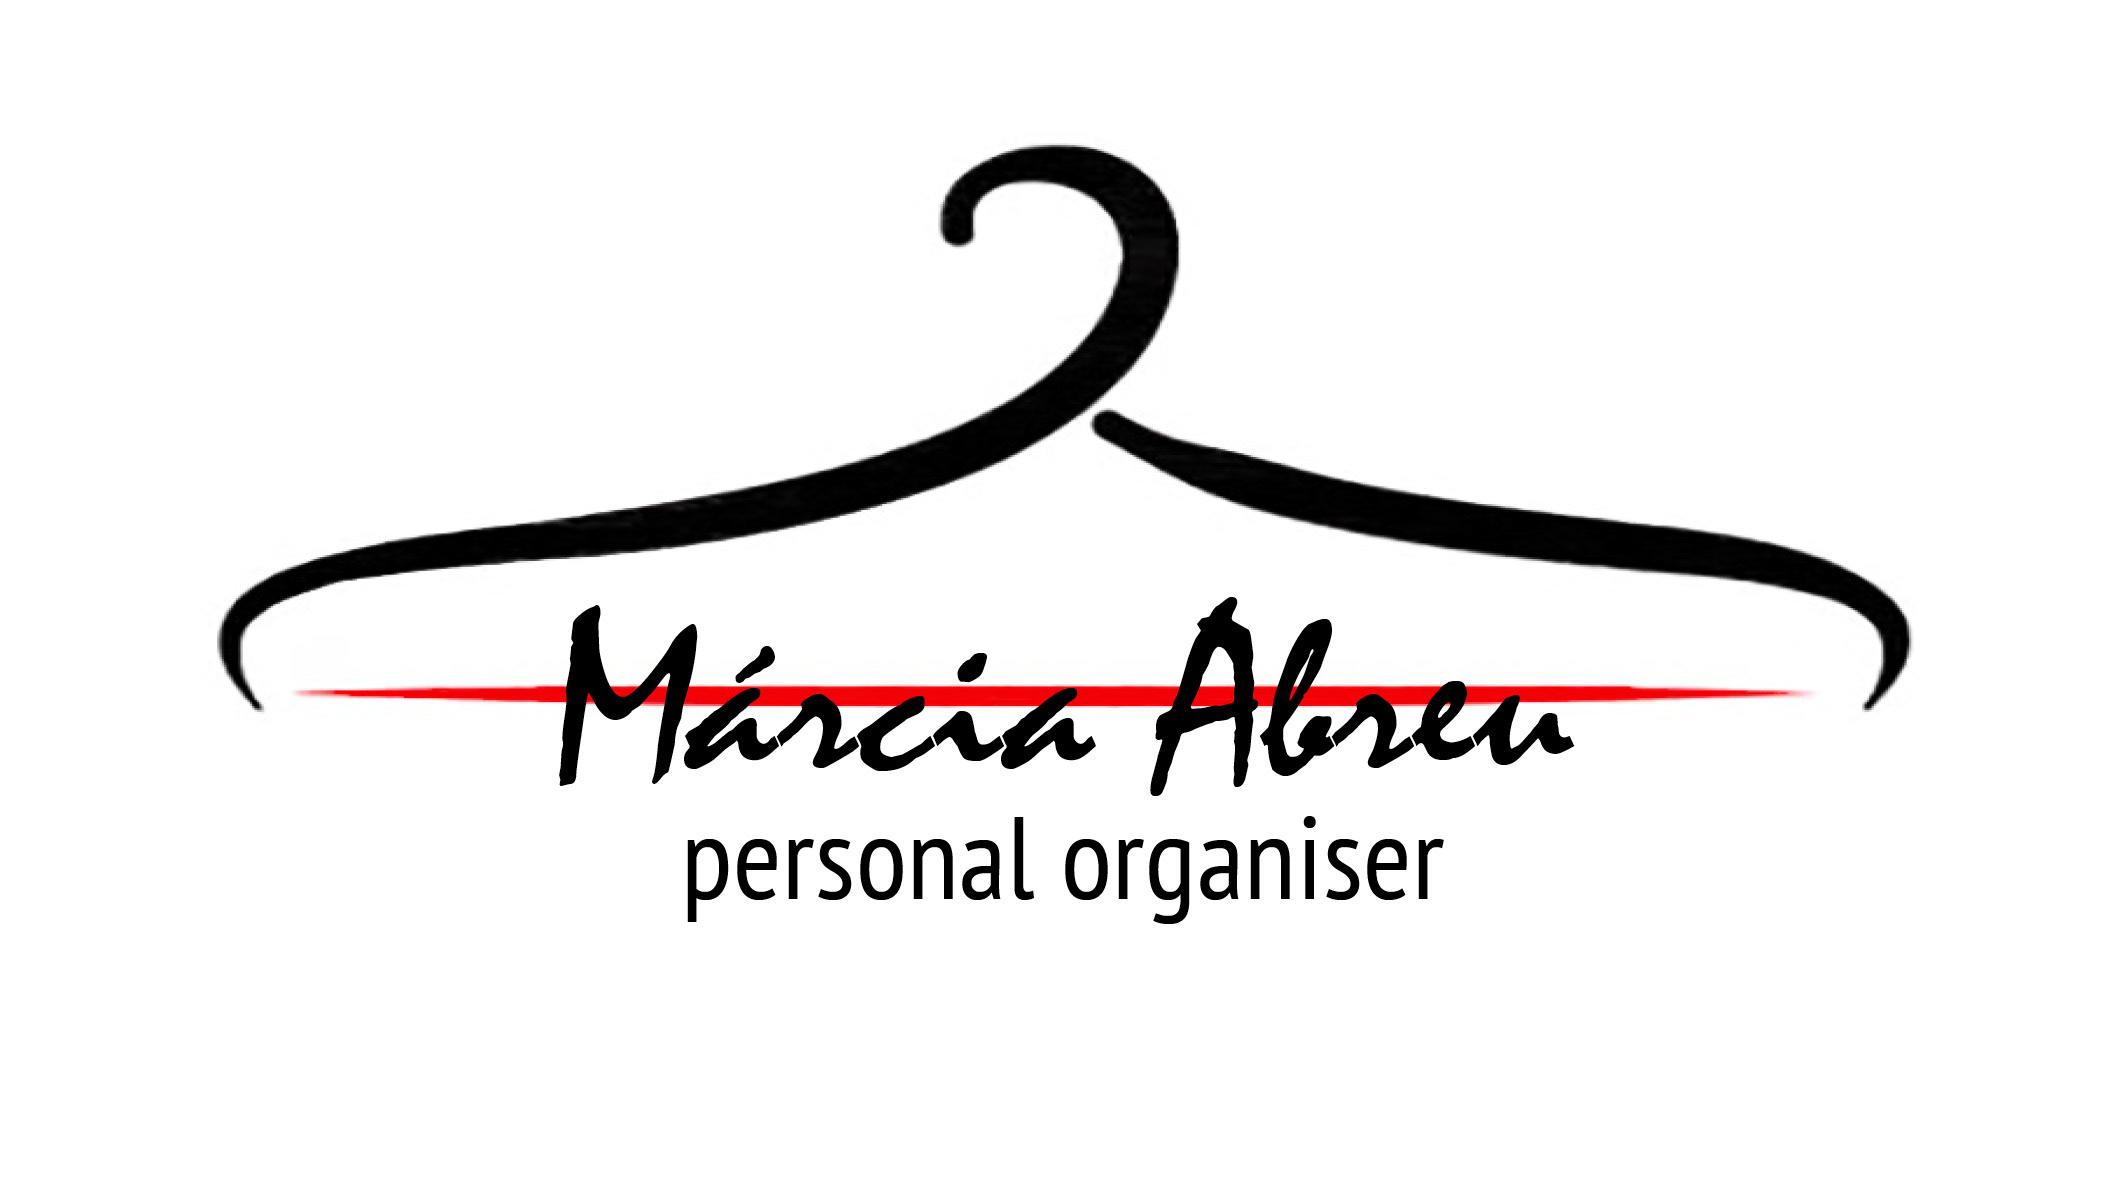 Márcia Abreu